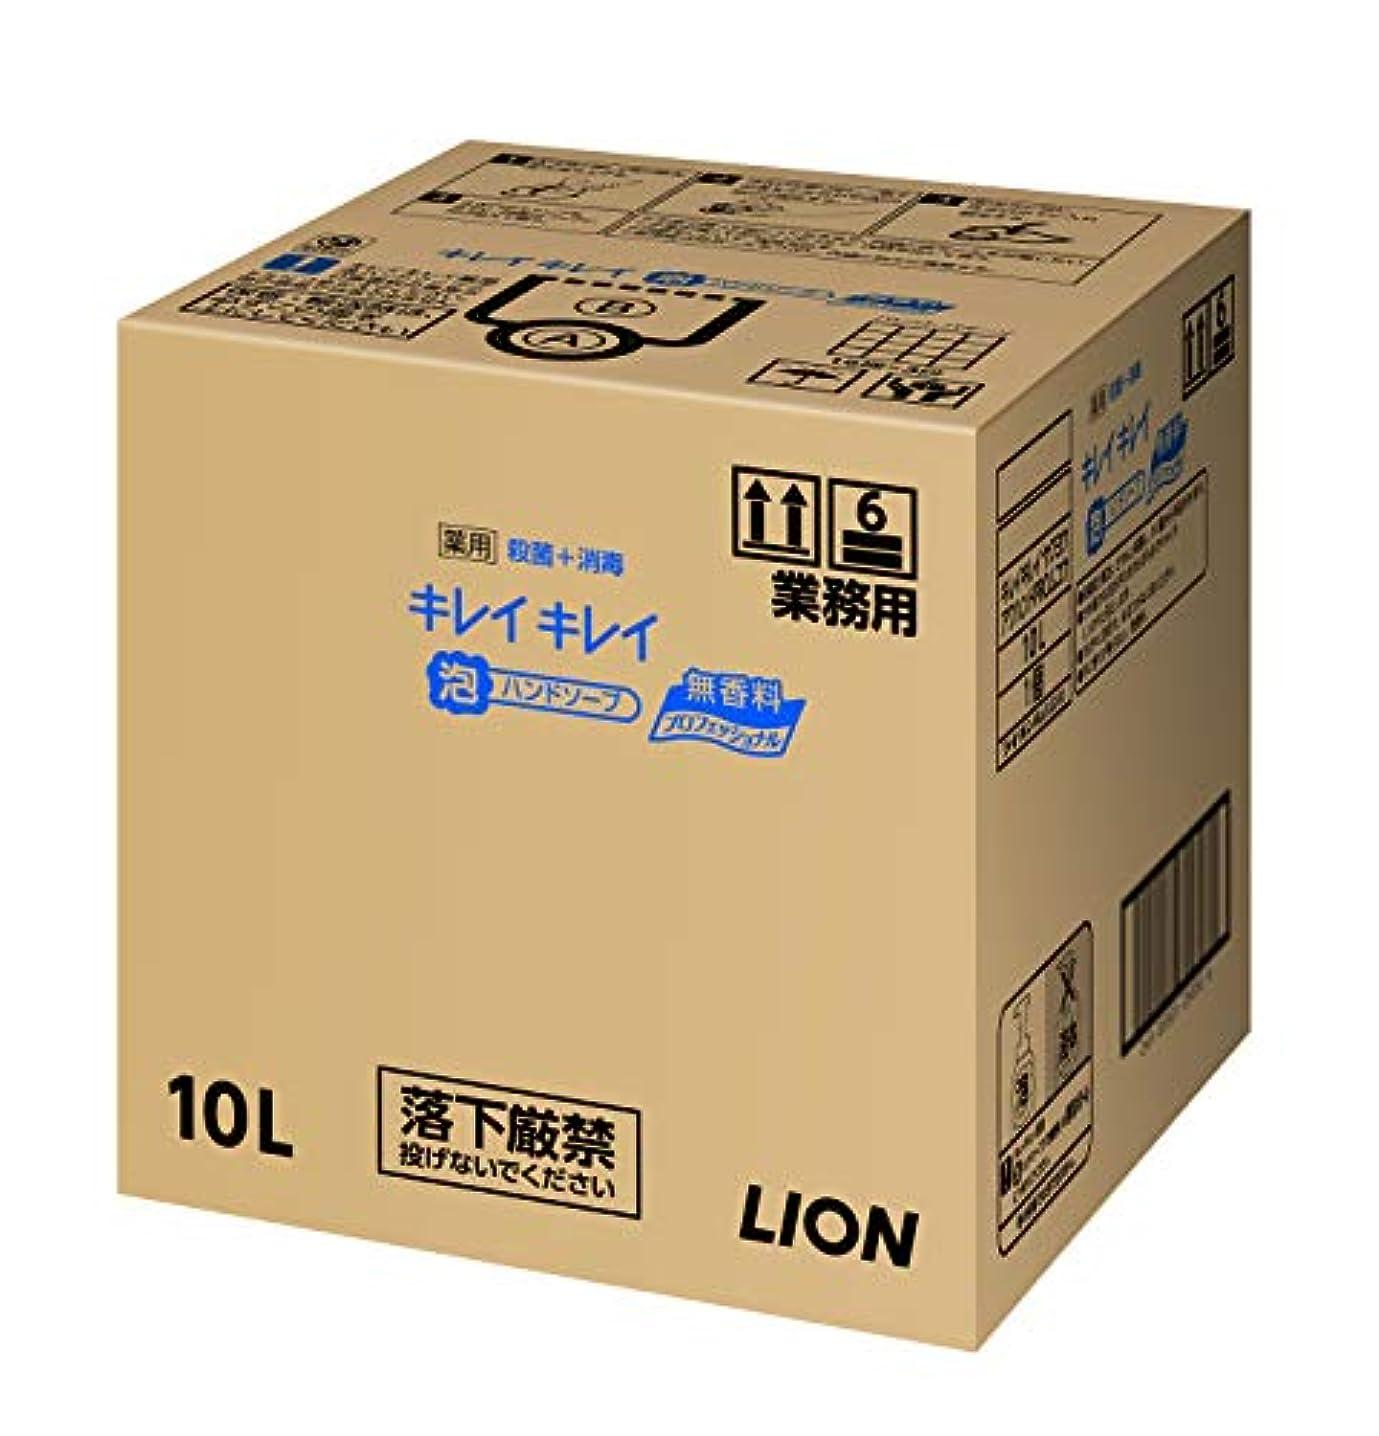 ユダヤ人かわす宣教師【業務用 大容量】キレイキレイ 薬用 泡ハンドソープ 無香料 10L(医薬部外品)